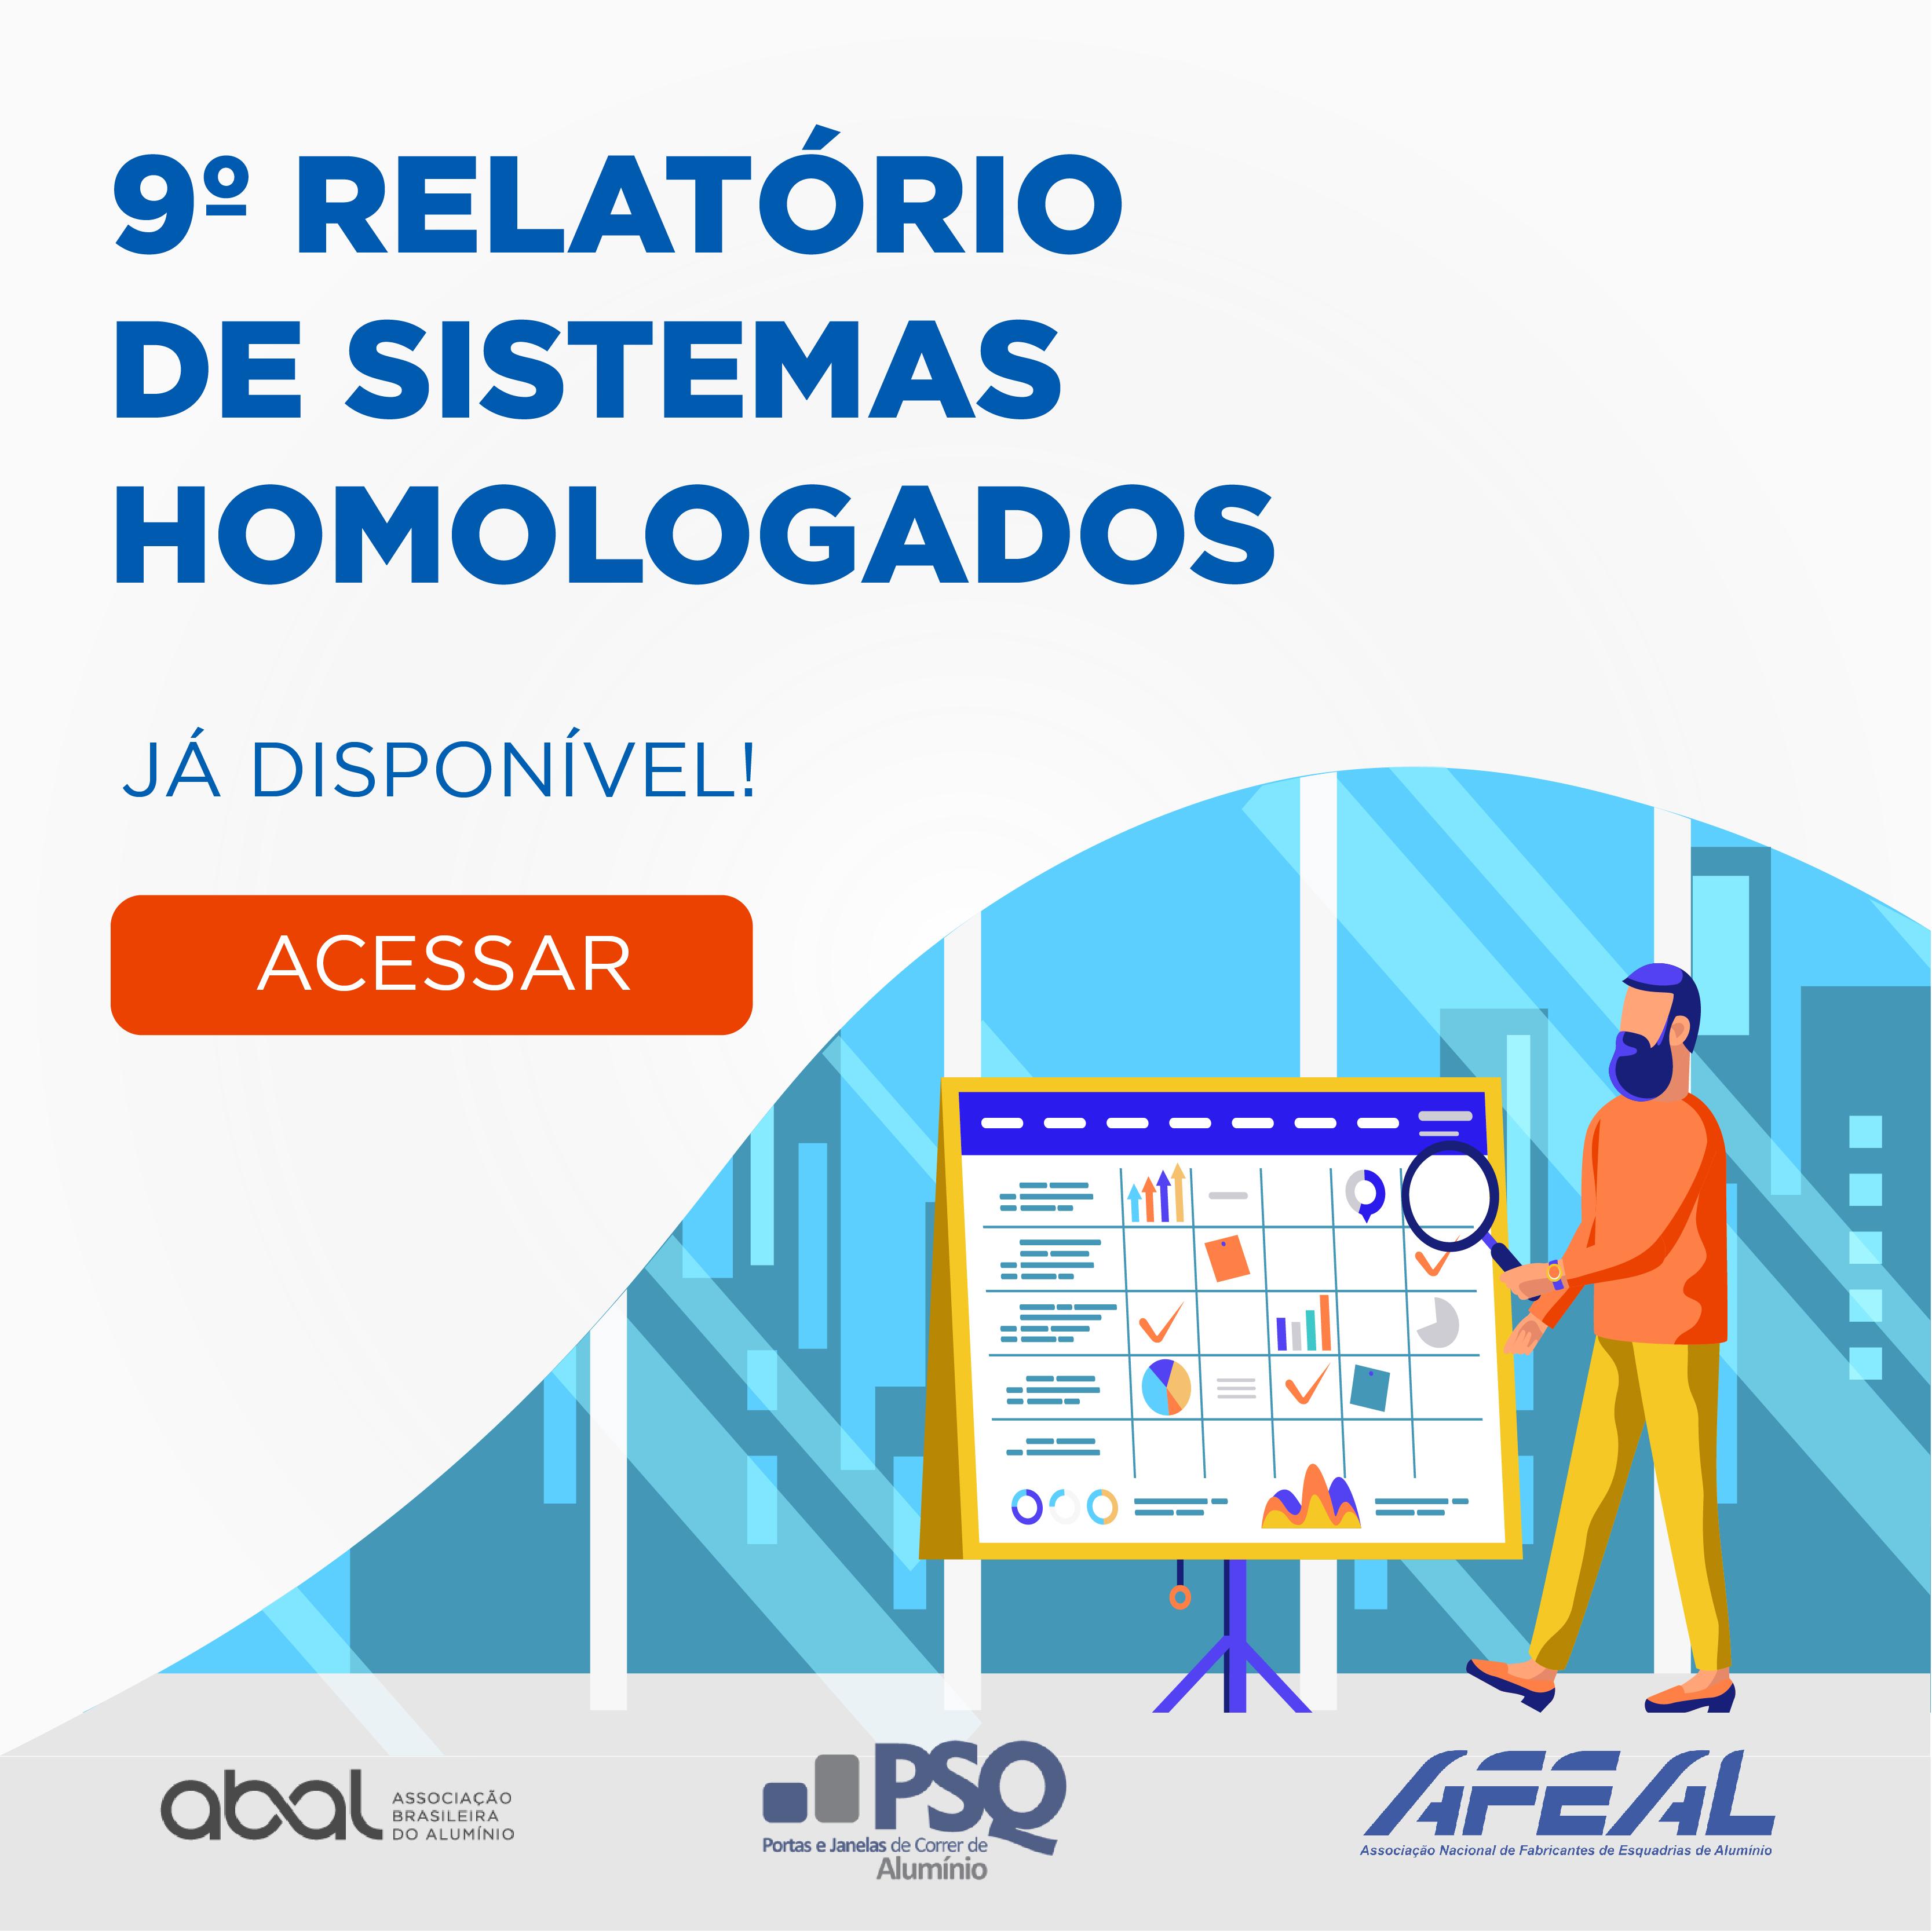 PSQ disponibiliza novo relatório de sistemas homologados